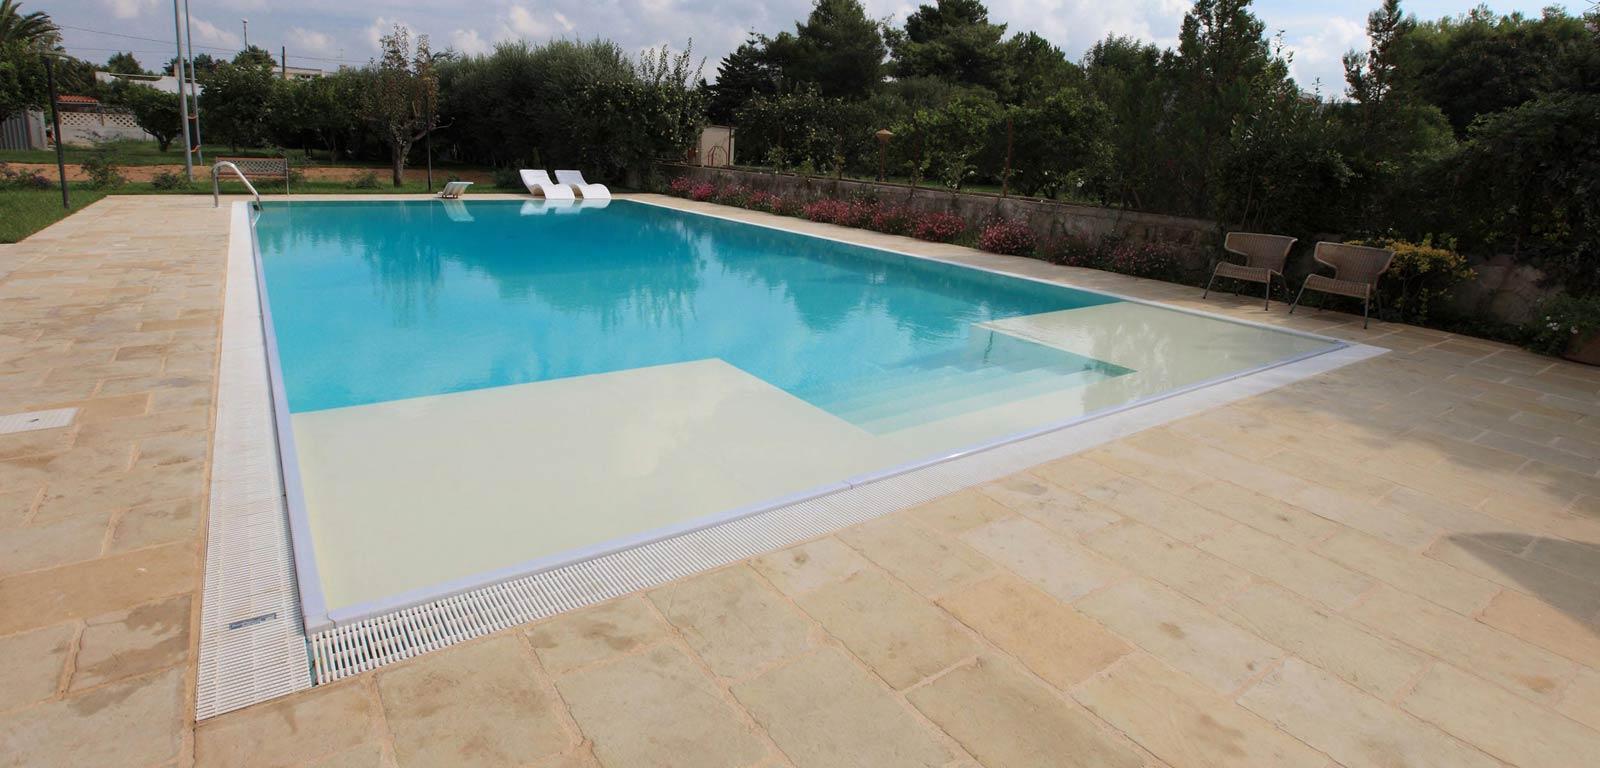 Piscine con telo sabbia piscine castiglione - Piastrelle per piscina esterna ...